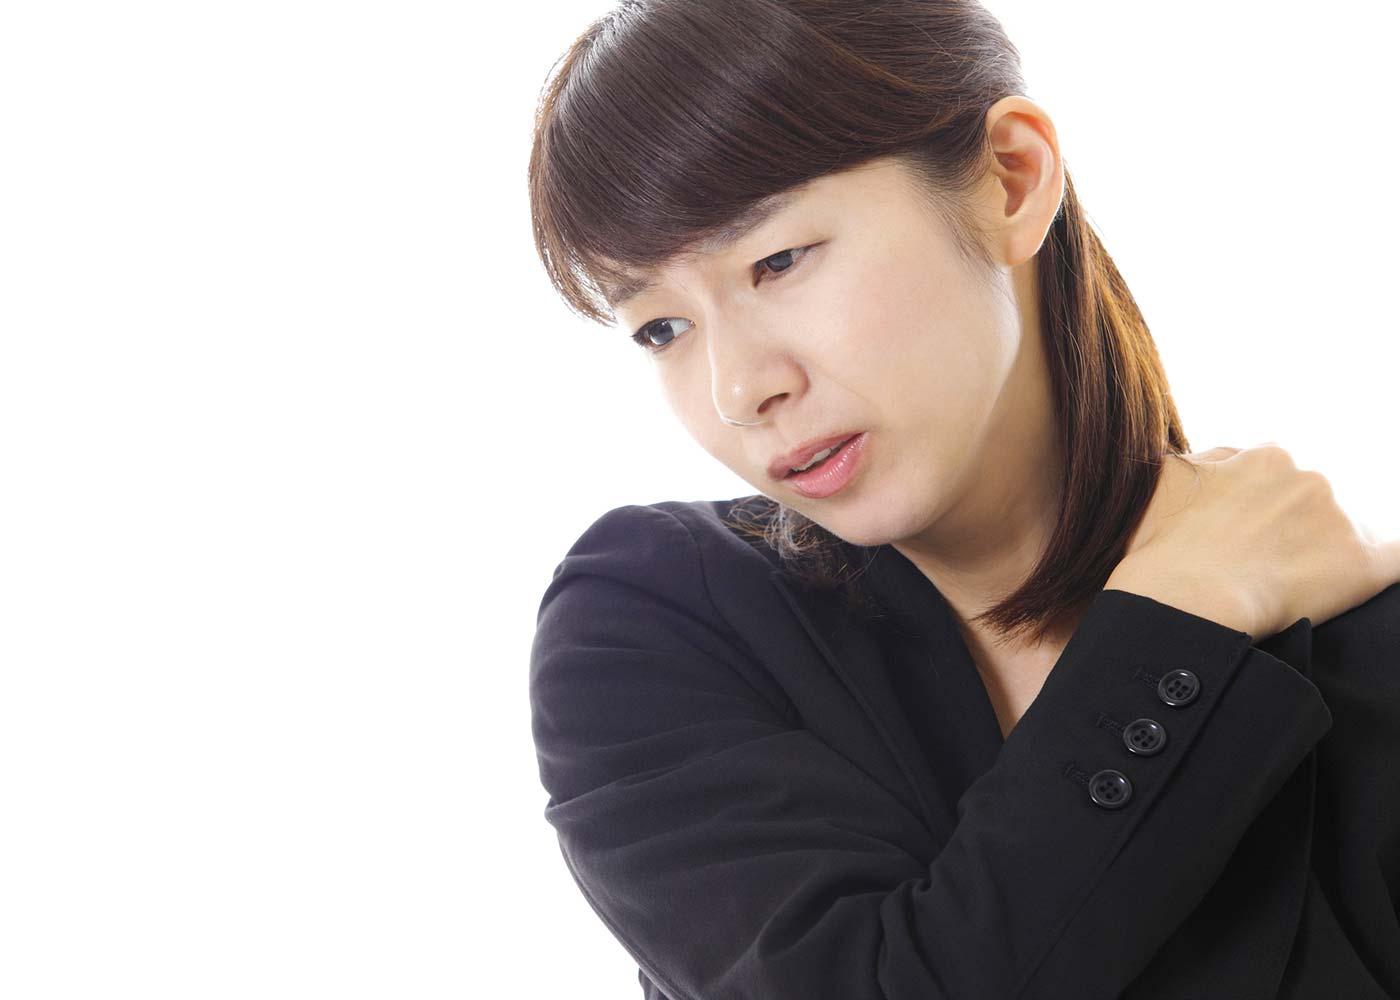 老化を促進するNG習慣1:肩こりを放置する